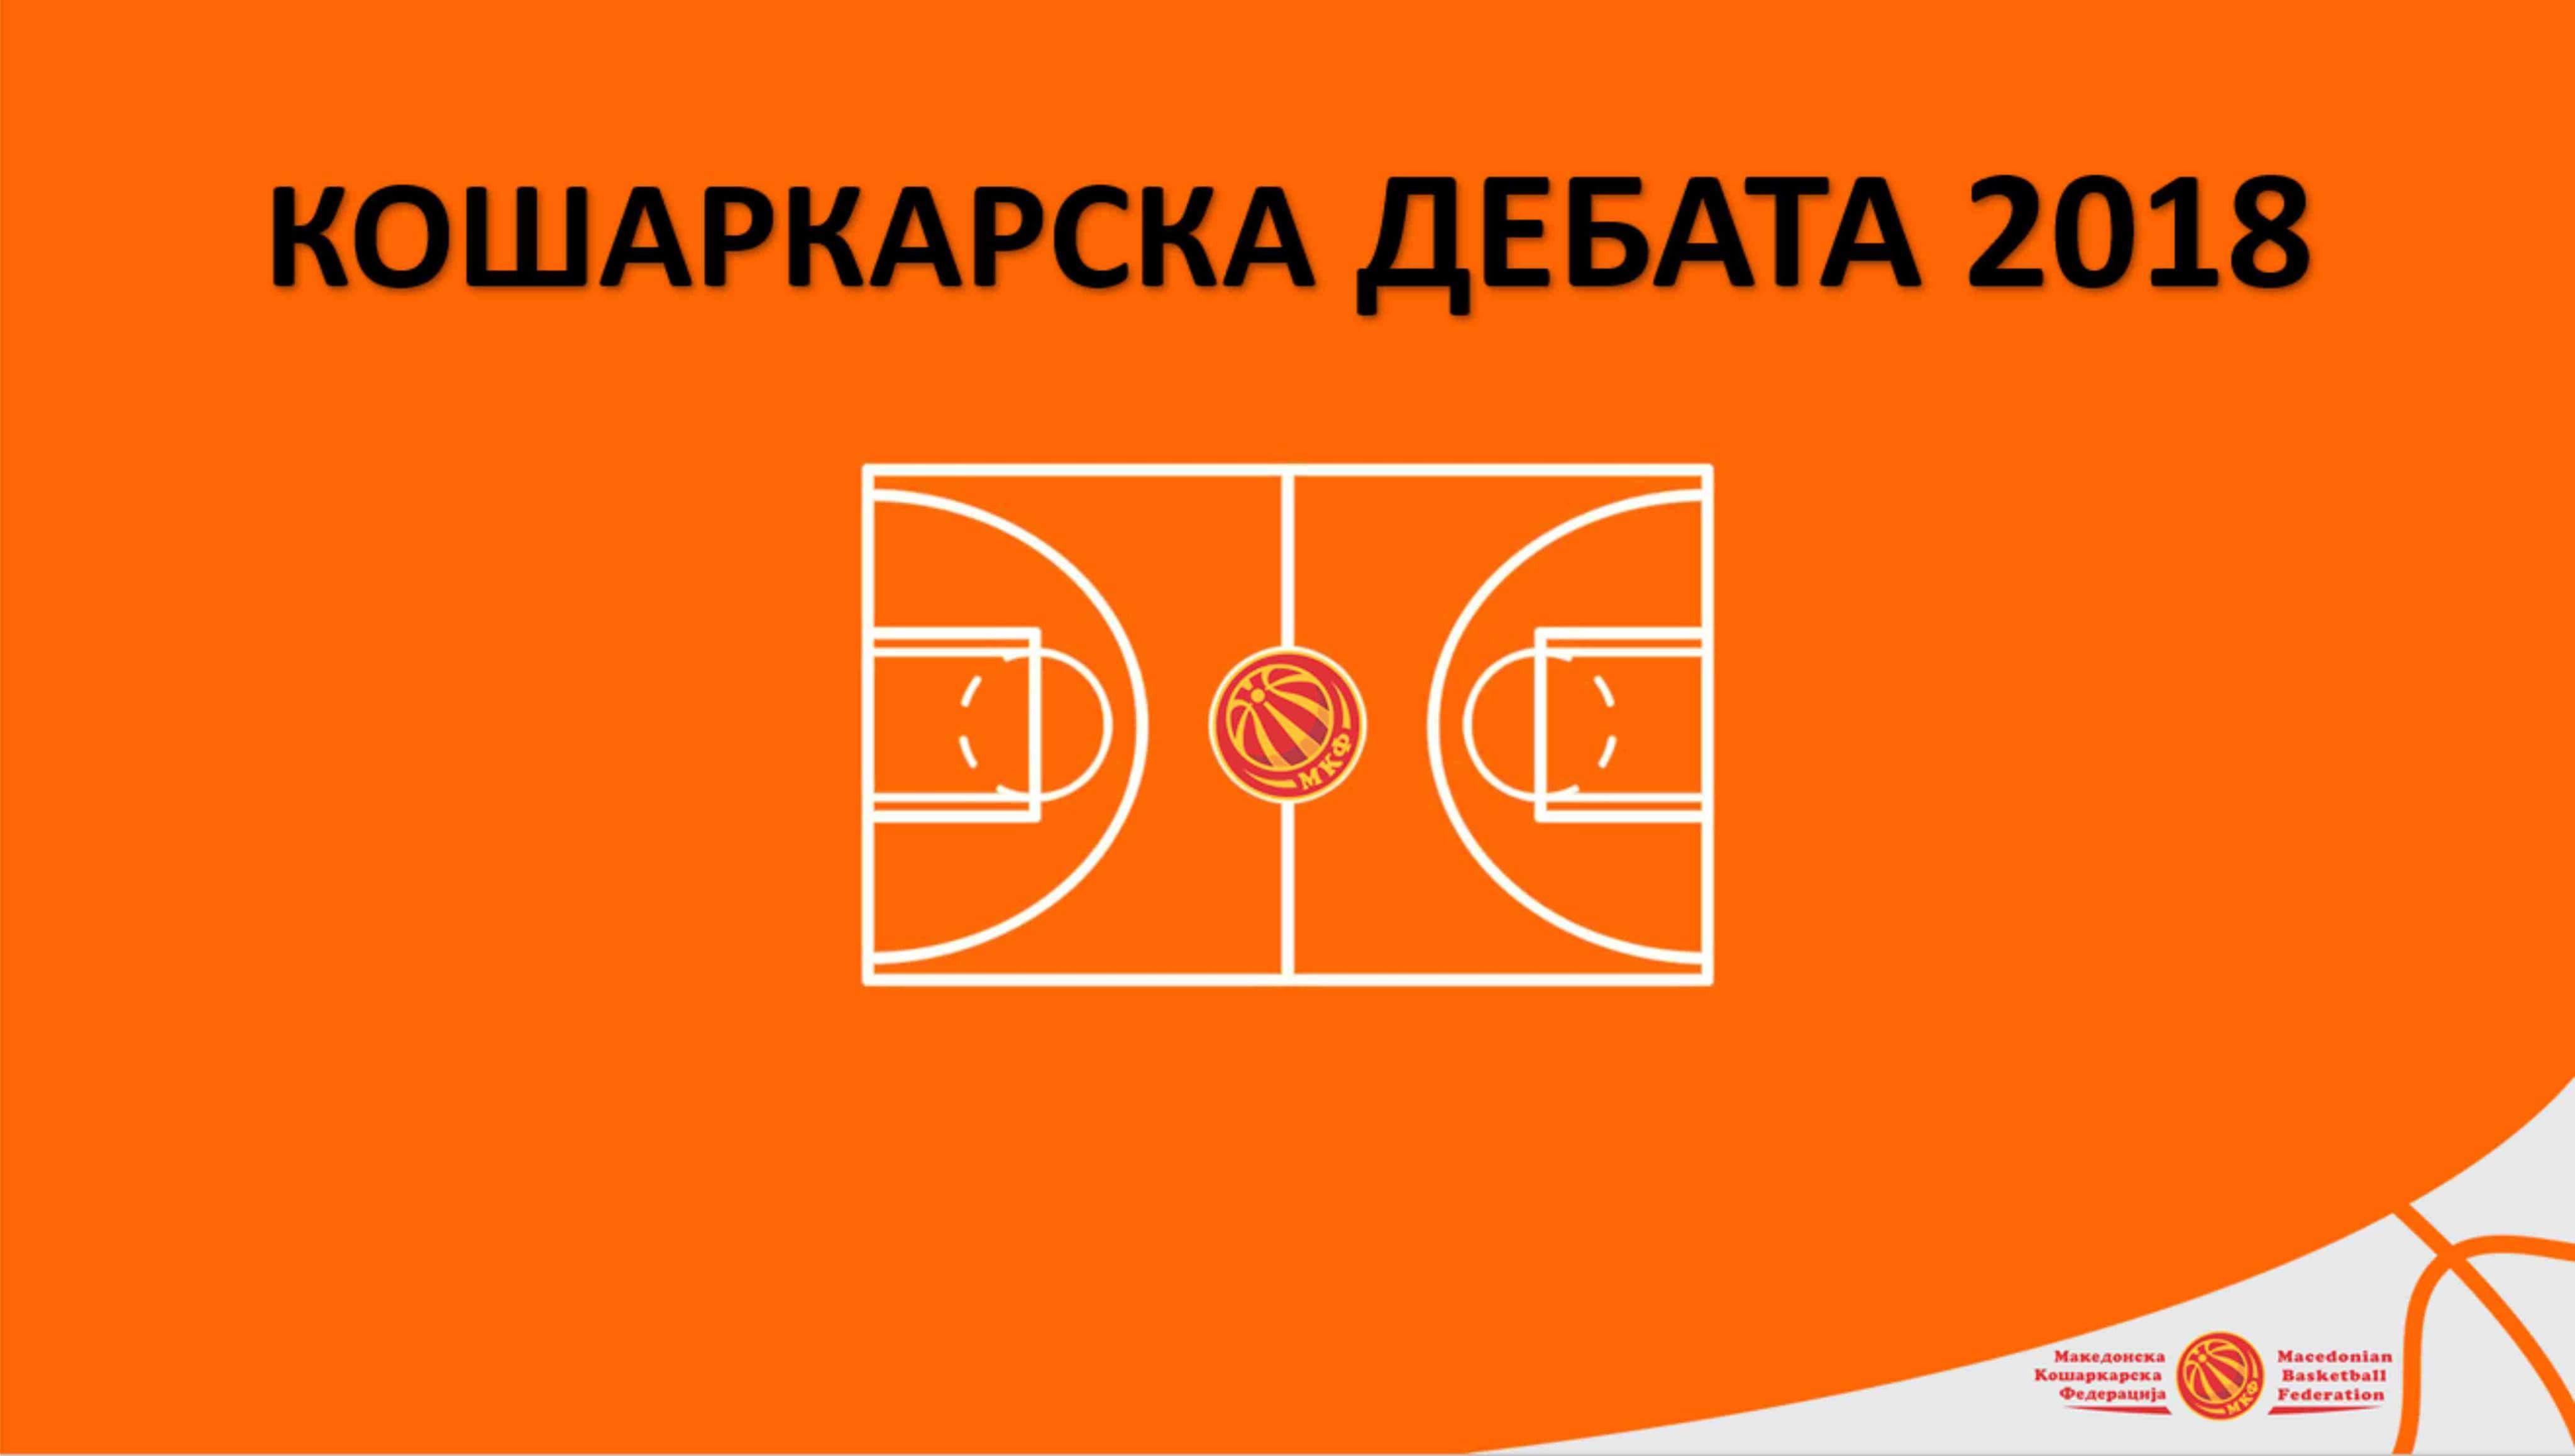 Одржана дебата на тема број на странски играчи во ПЛМ и број на клубови-учесници во ПЛМ и ВЛМ